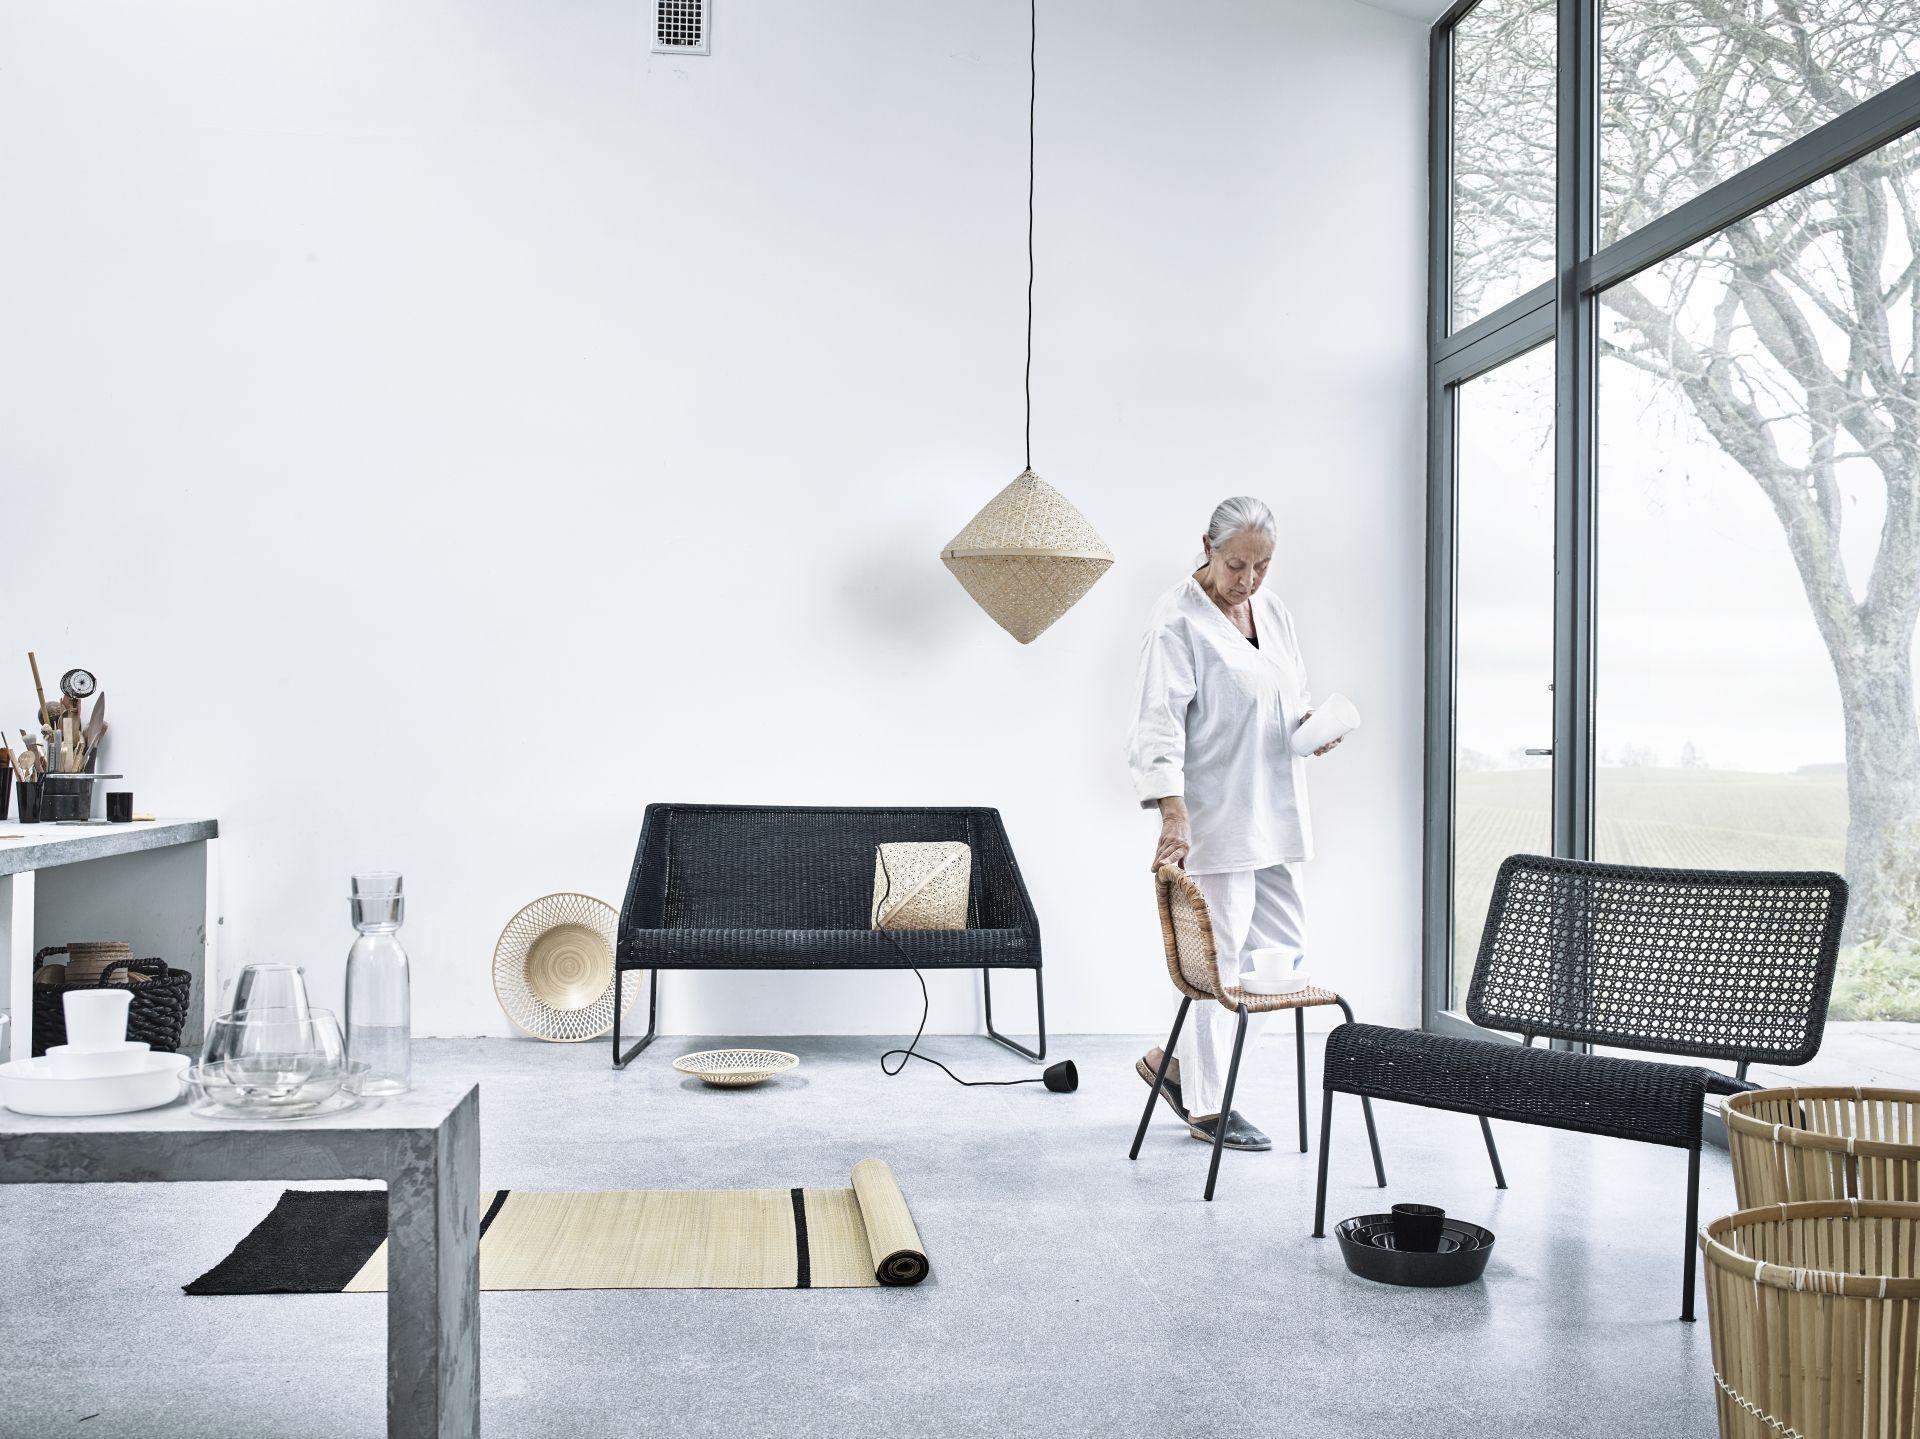 Mobili e Accessori per l'Arredamento della Casa | Idee di